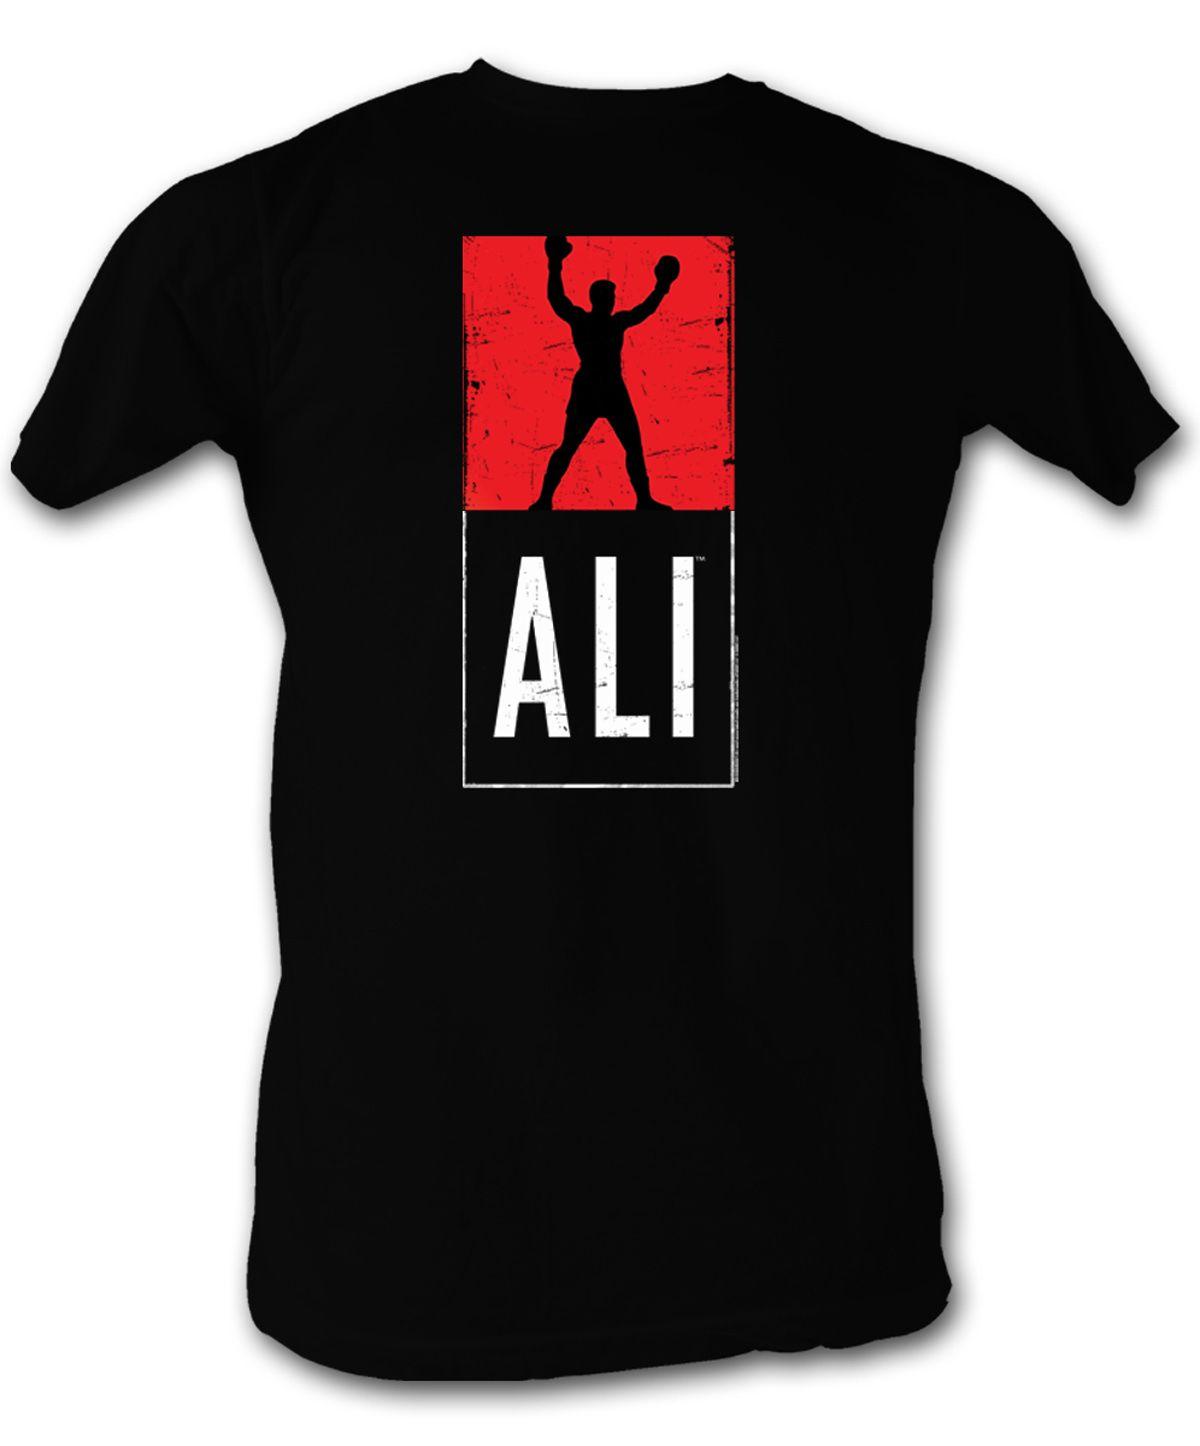 Pin On Muhammad Ali Shirts